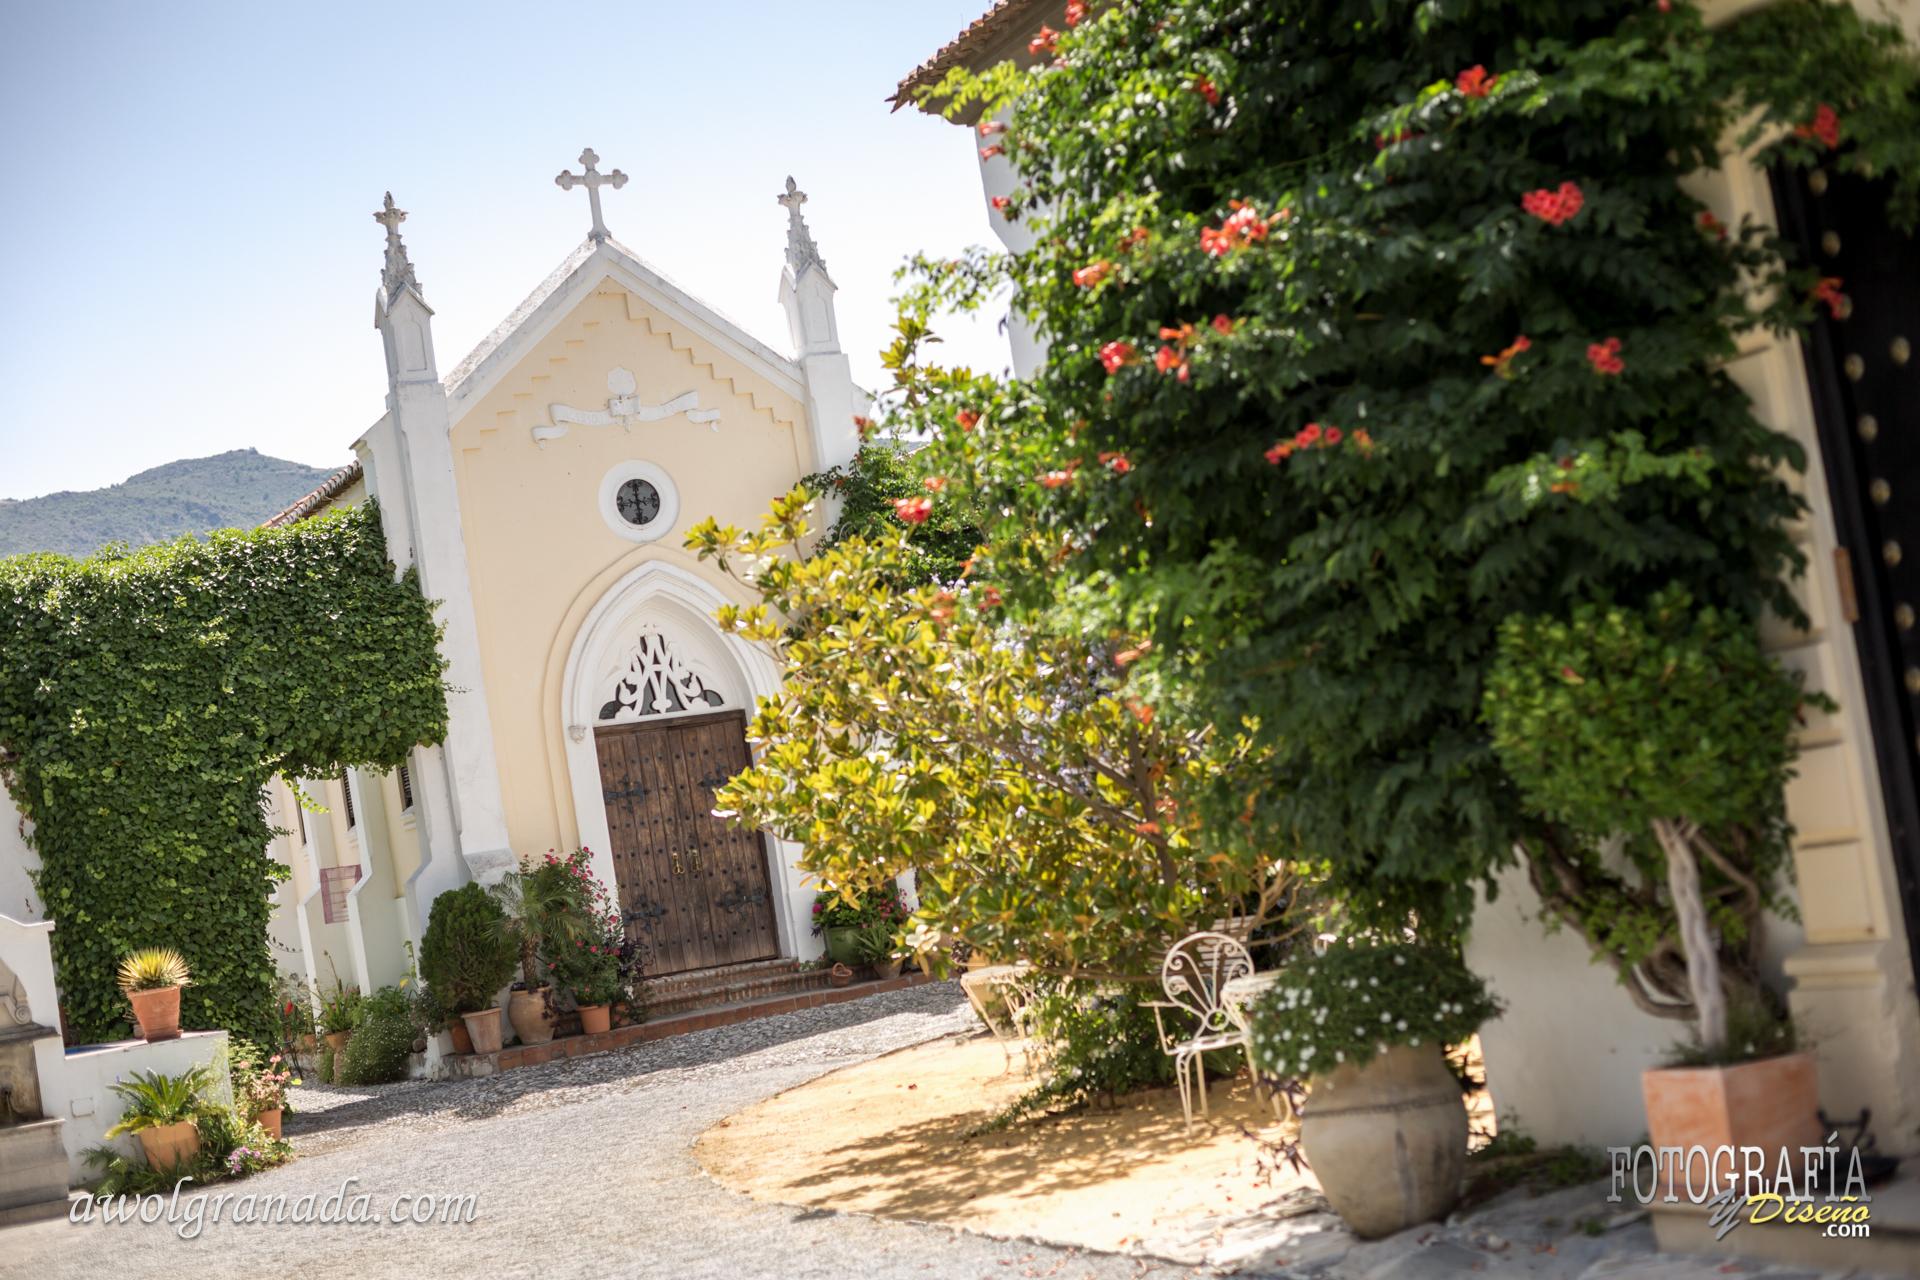 Palacete de Cazulas Chapel